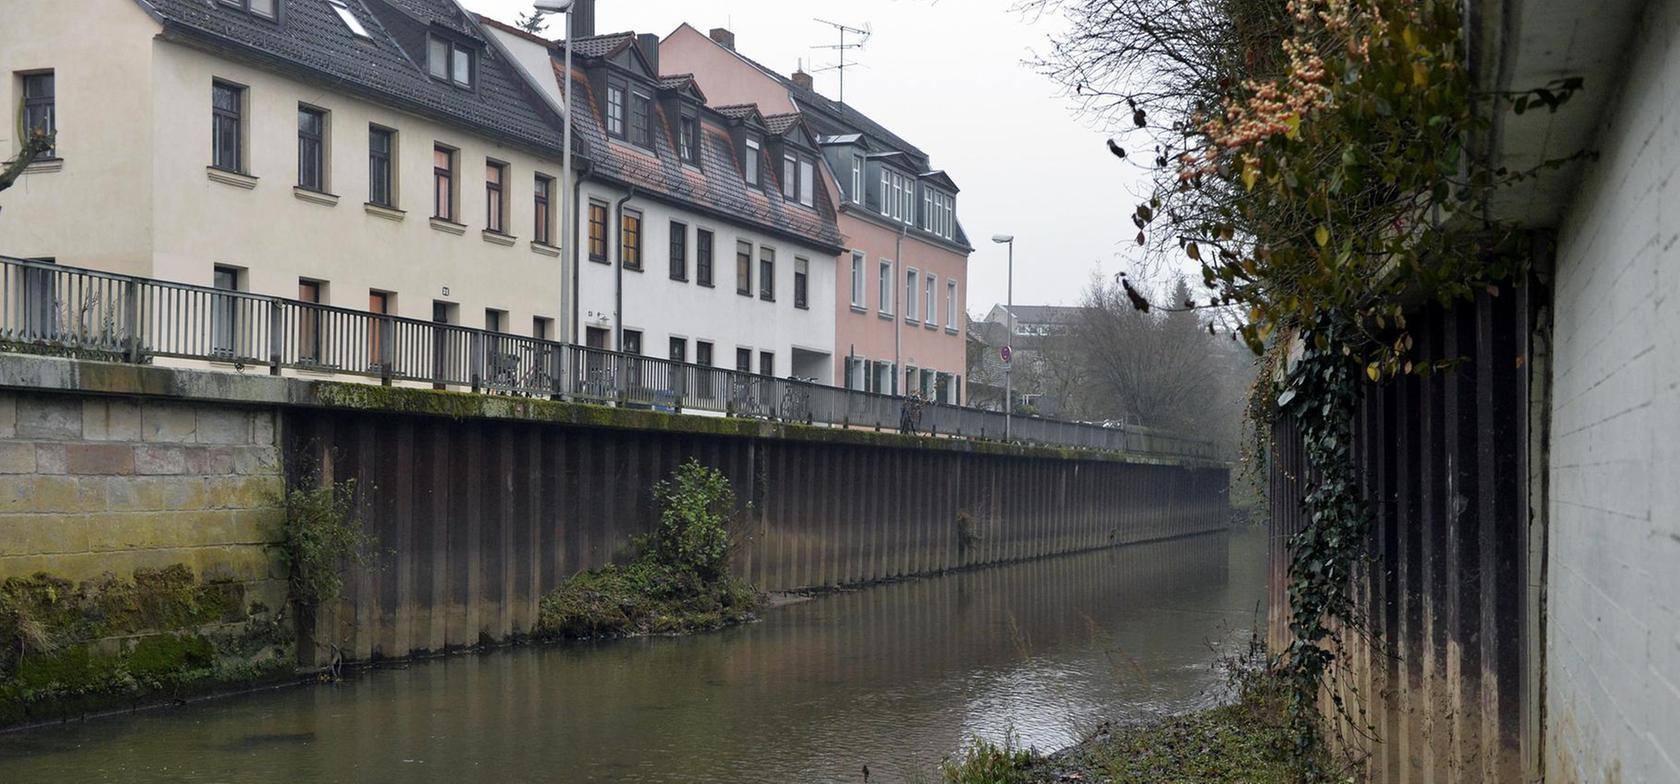 Die vorhandenen Schutzanlagen aus Spundwänden im Bereich Essenbacher Brücke sind in die Jahre gekommen und stellenweise angerostet. Sie gelten als nicht mehr standsicher und müssen ersetzt werden.